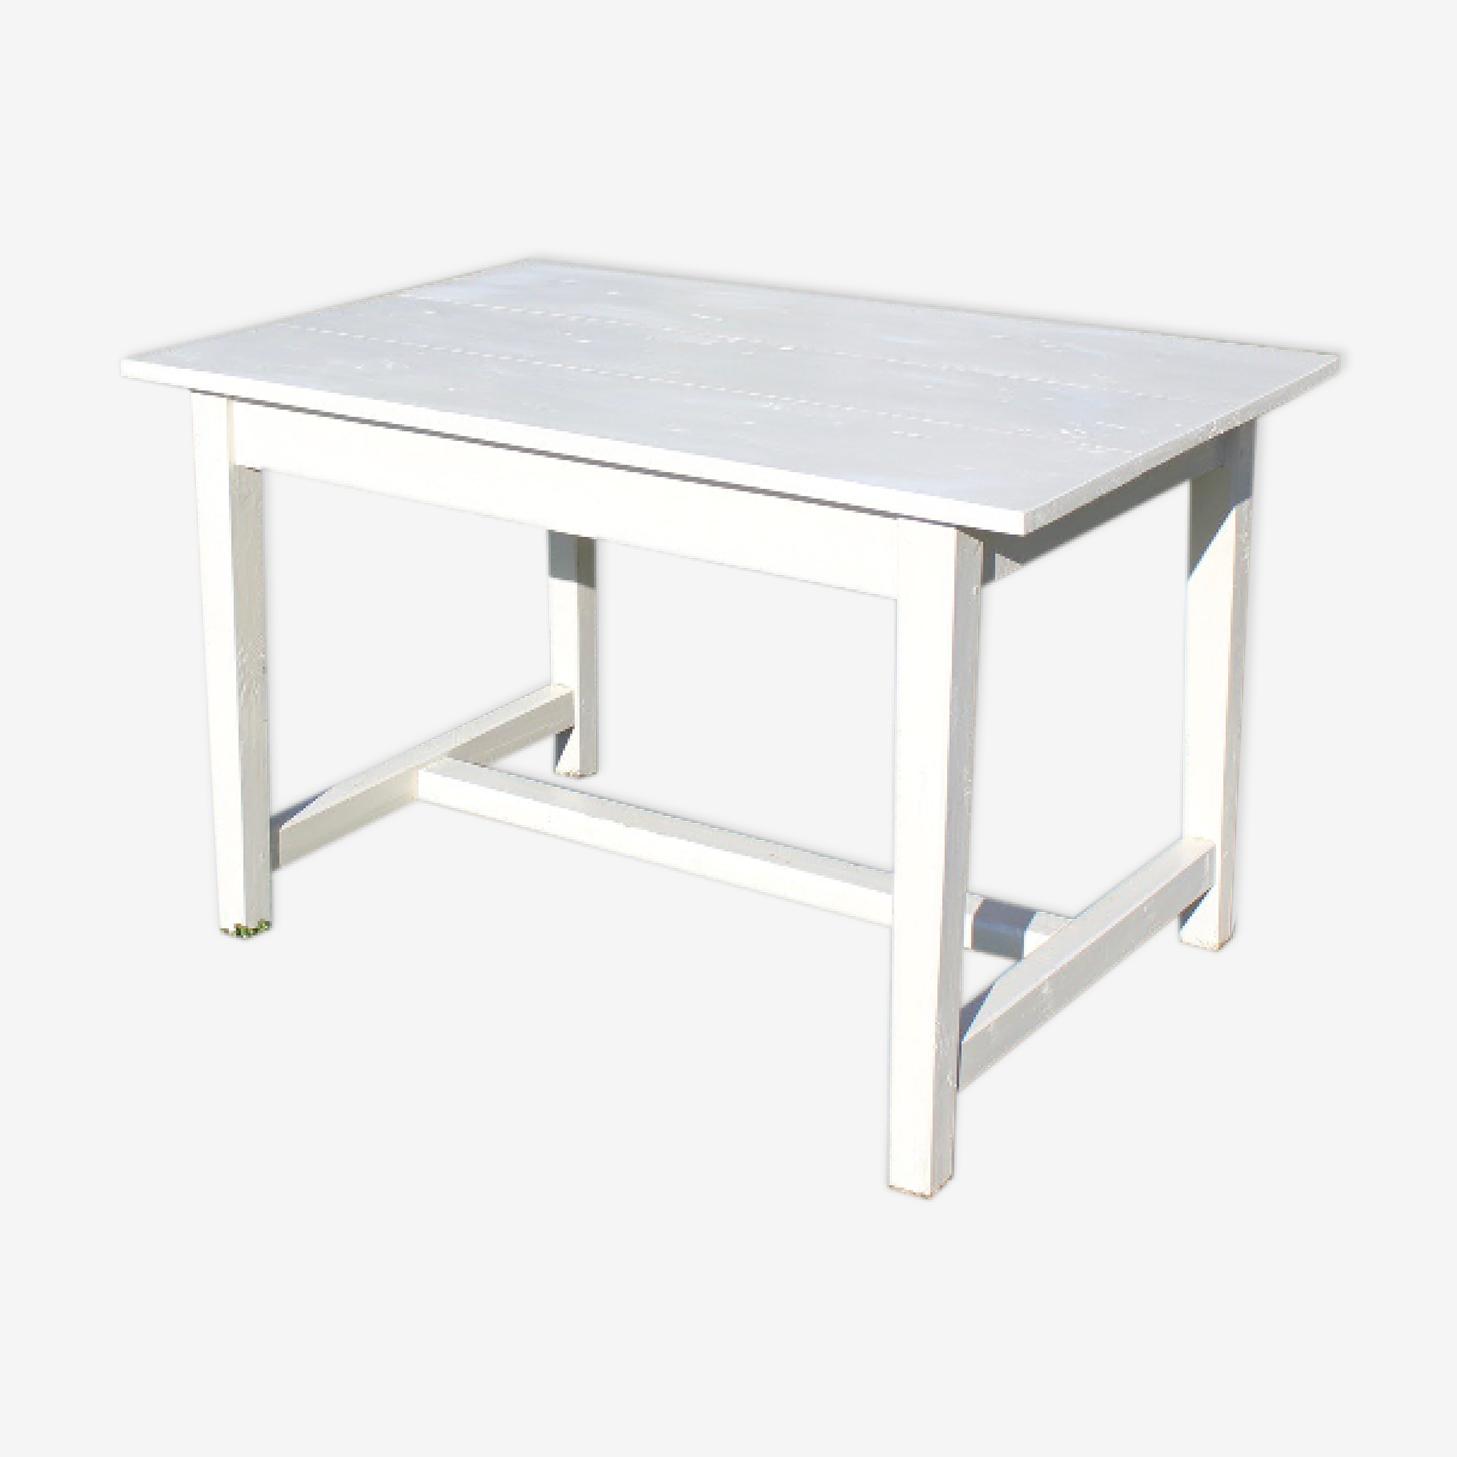 Patina white farm table